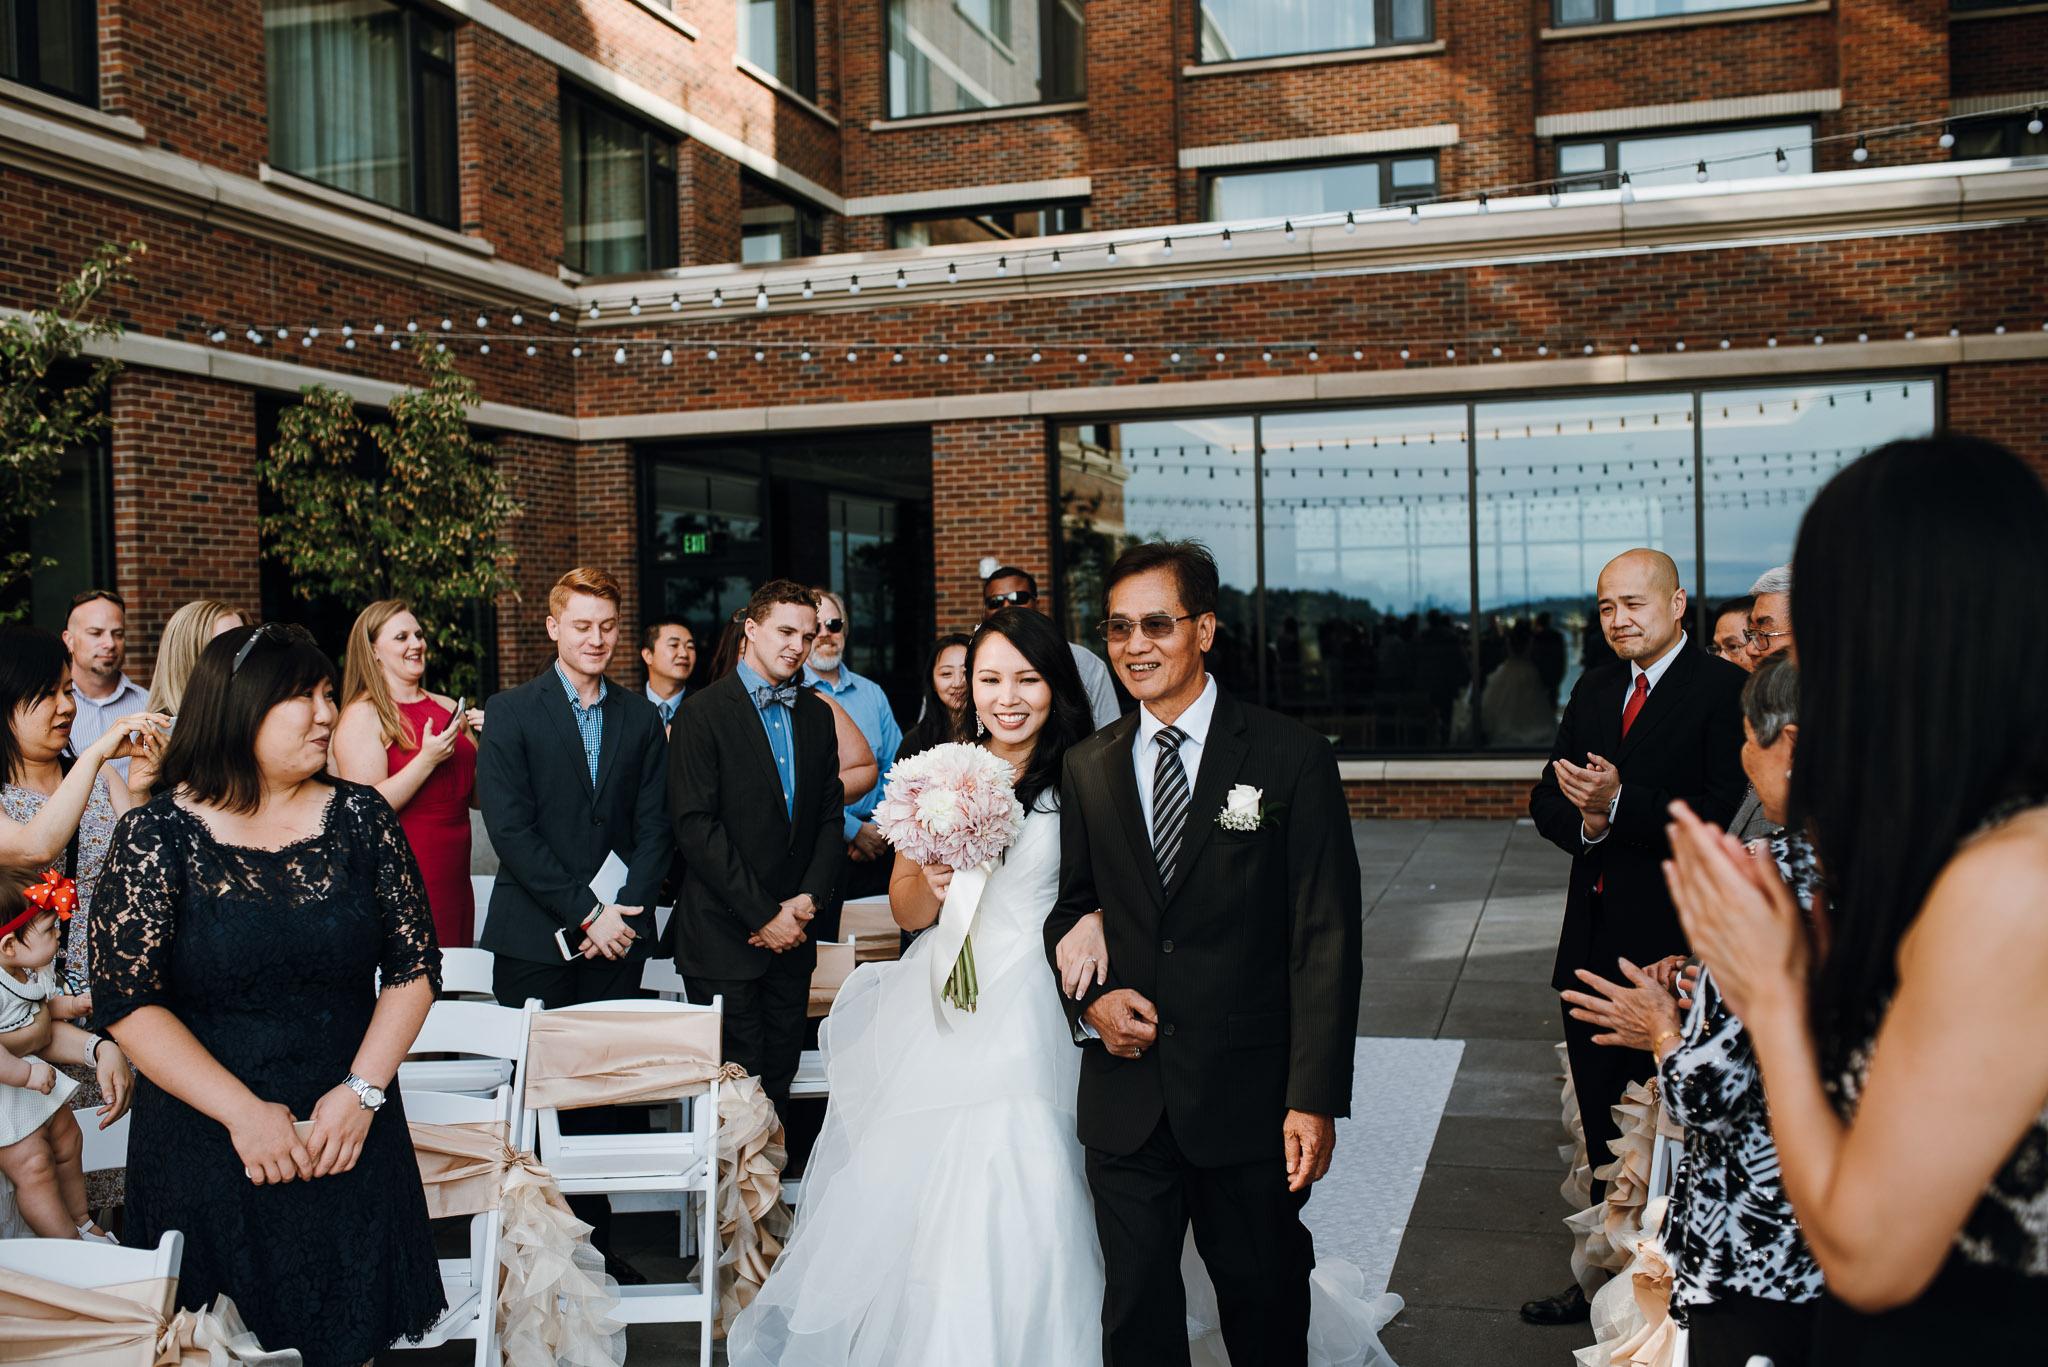 Hyatt-Regency-Lake-Washington-Wedding-Renton-Washington-0021.jpg